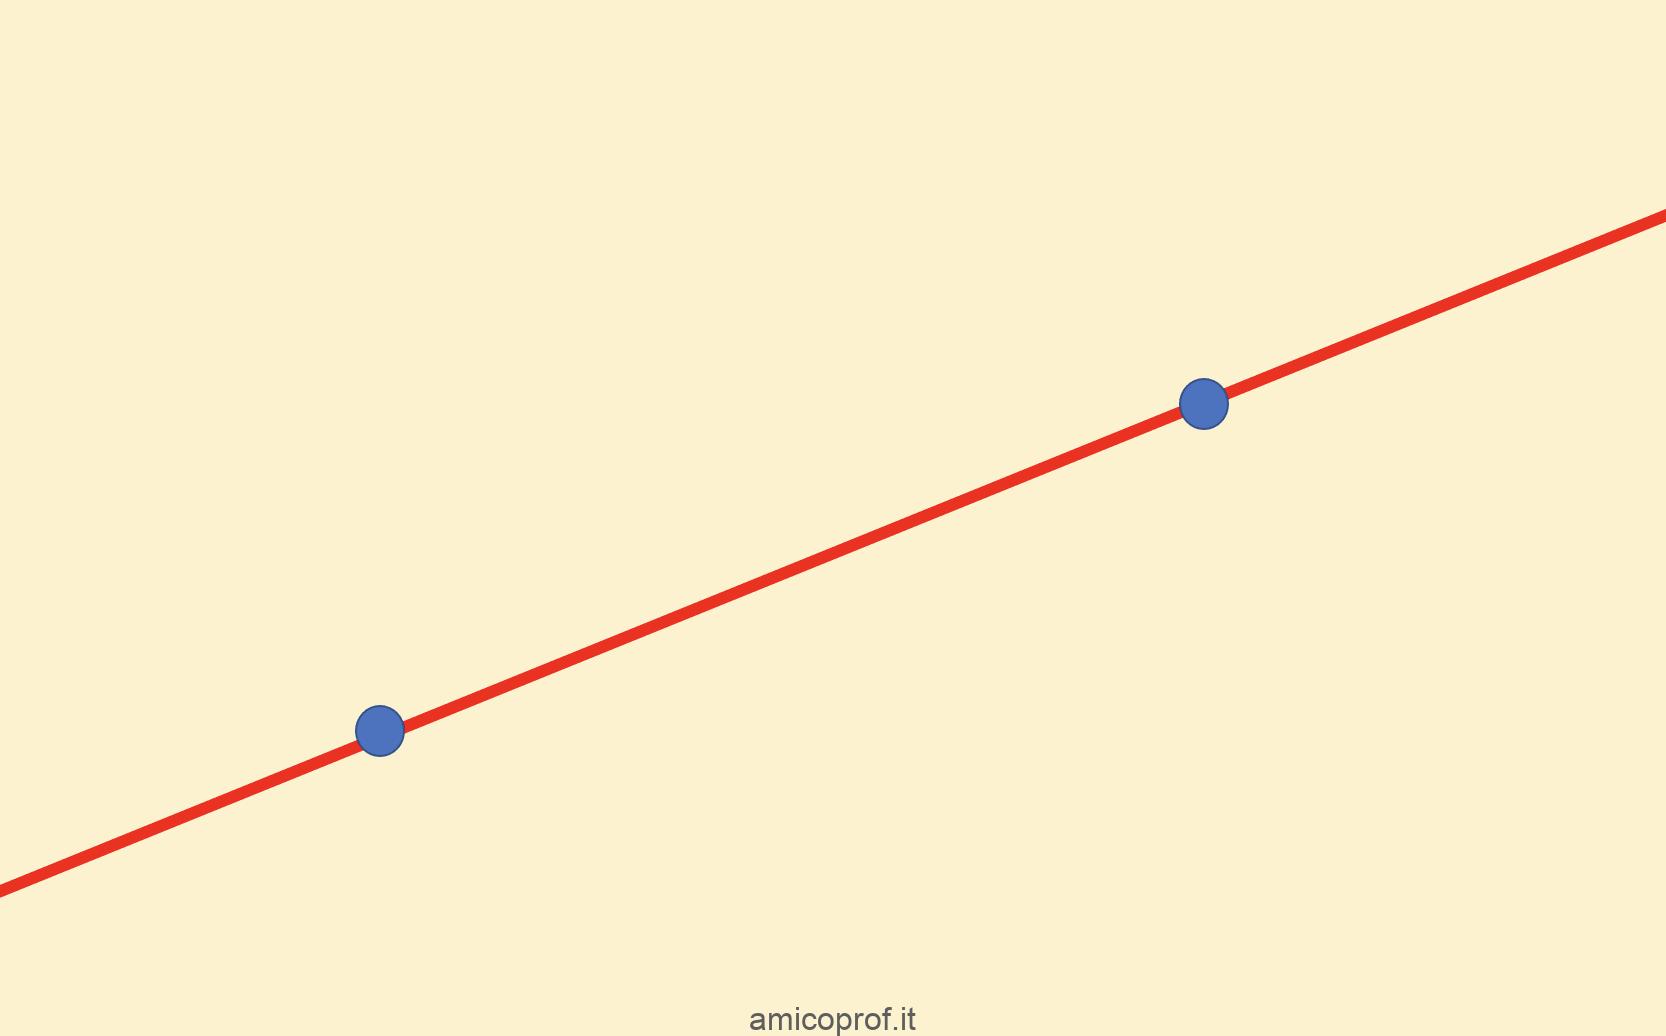 Nozioni basiche sulla retta e posizione reciproca tra due rette